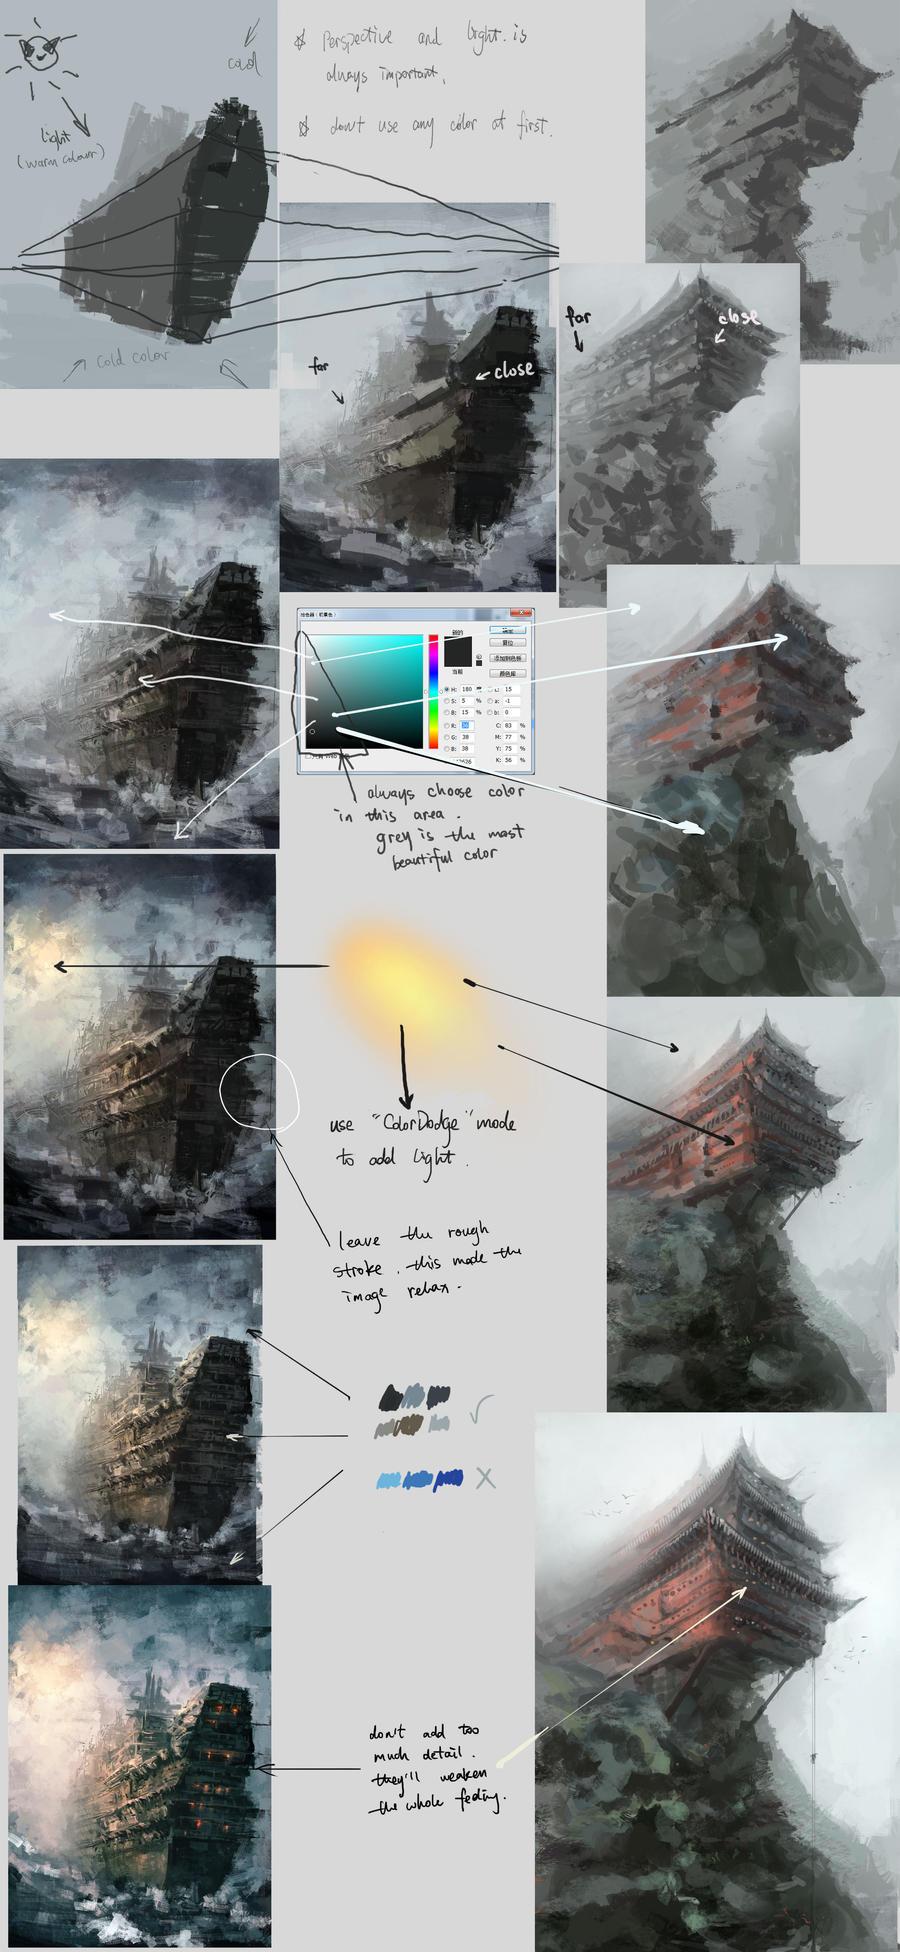 -http://fc02.deviantart.net/fs71/i/2012/124/f/8/steps_by_wlop-d4yhupw.jpg